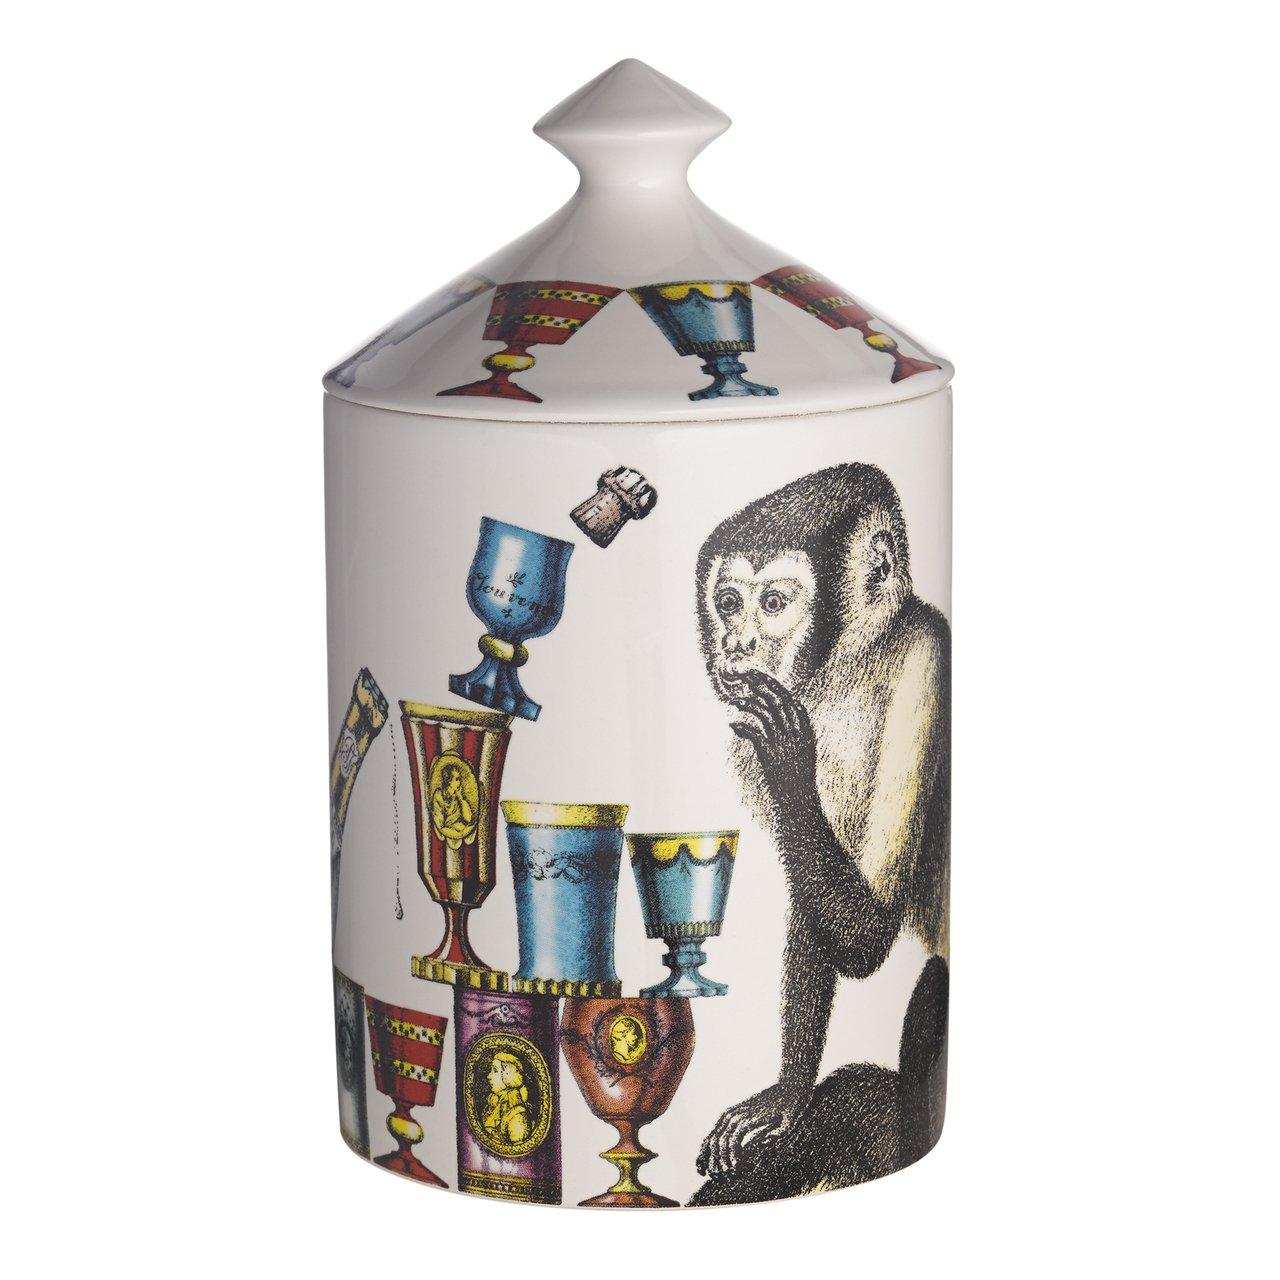 憧れ フォルナセッティ [並行輸入品] Candle シンミエ Scimmie センテッド キャンドル 300g(Fornasetti Scimmie Scented Candle 300g)[海外直送品] [並行輸入品] B016QTO7N4, BONZ:145b38b6 --- albertlynchs.com